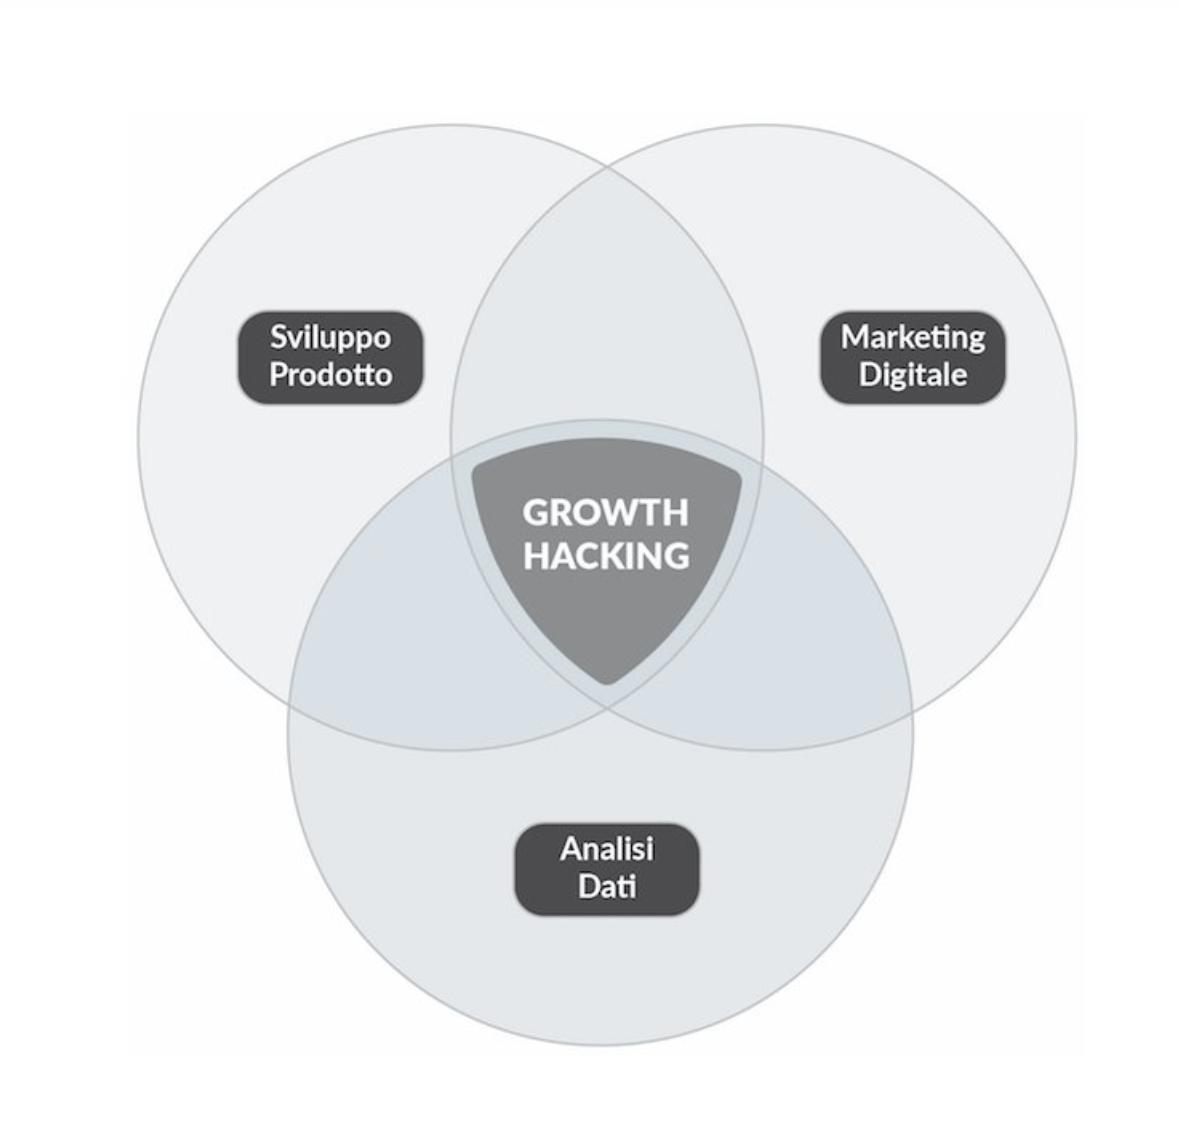 cosa vuol dire hacking della crescita